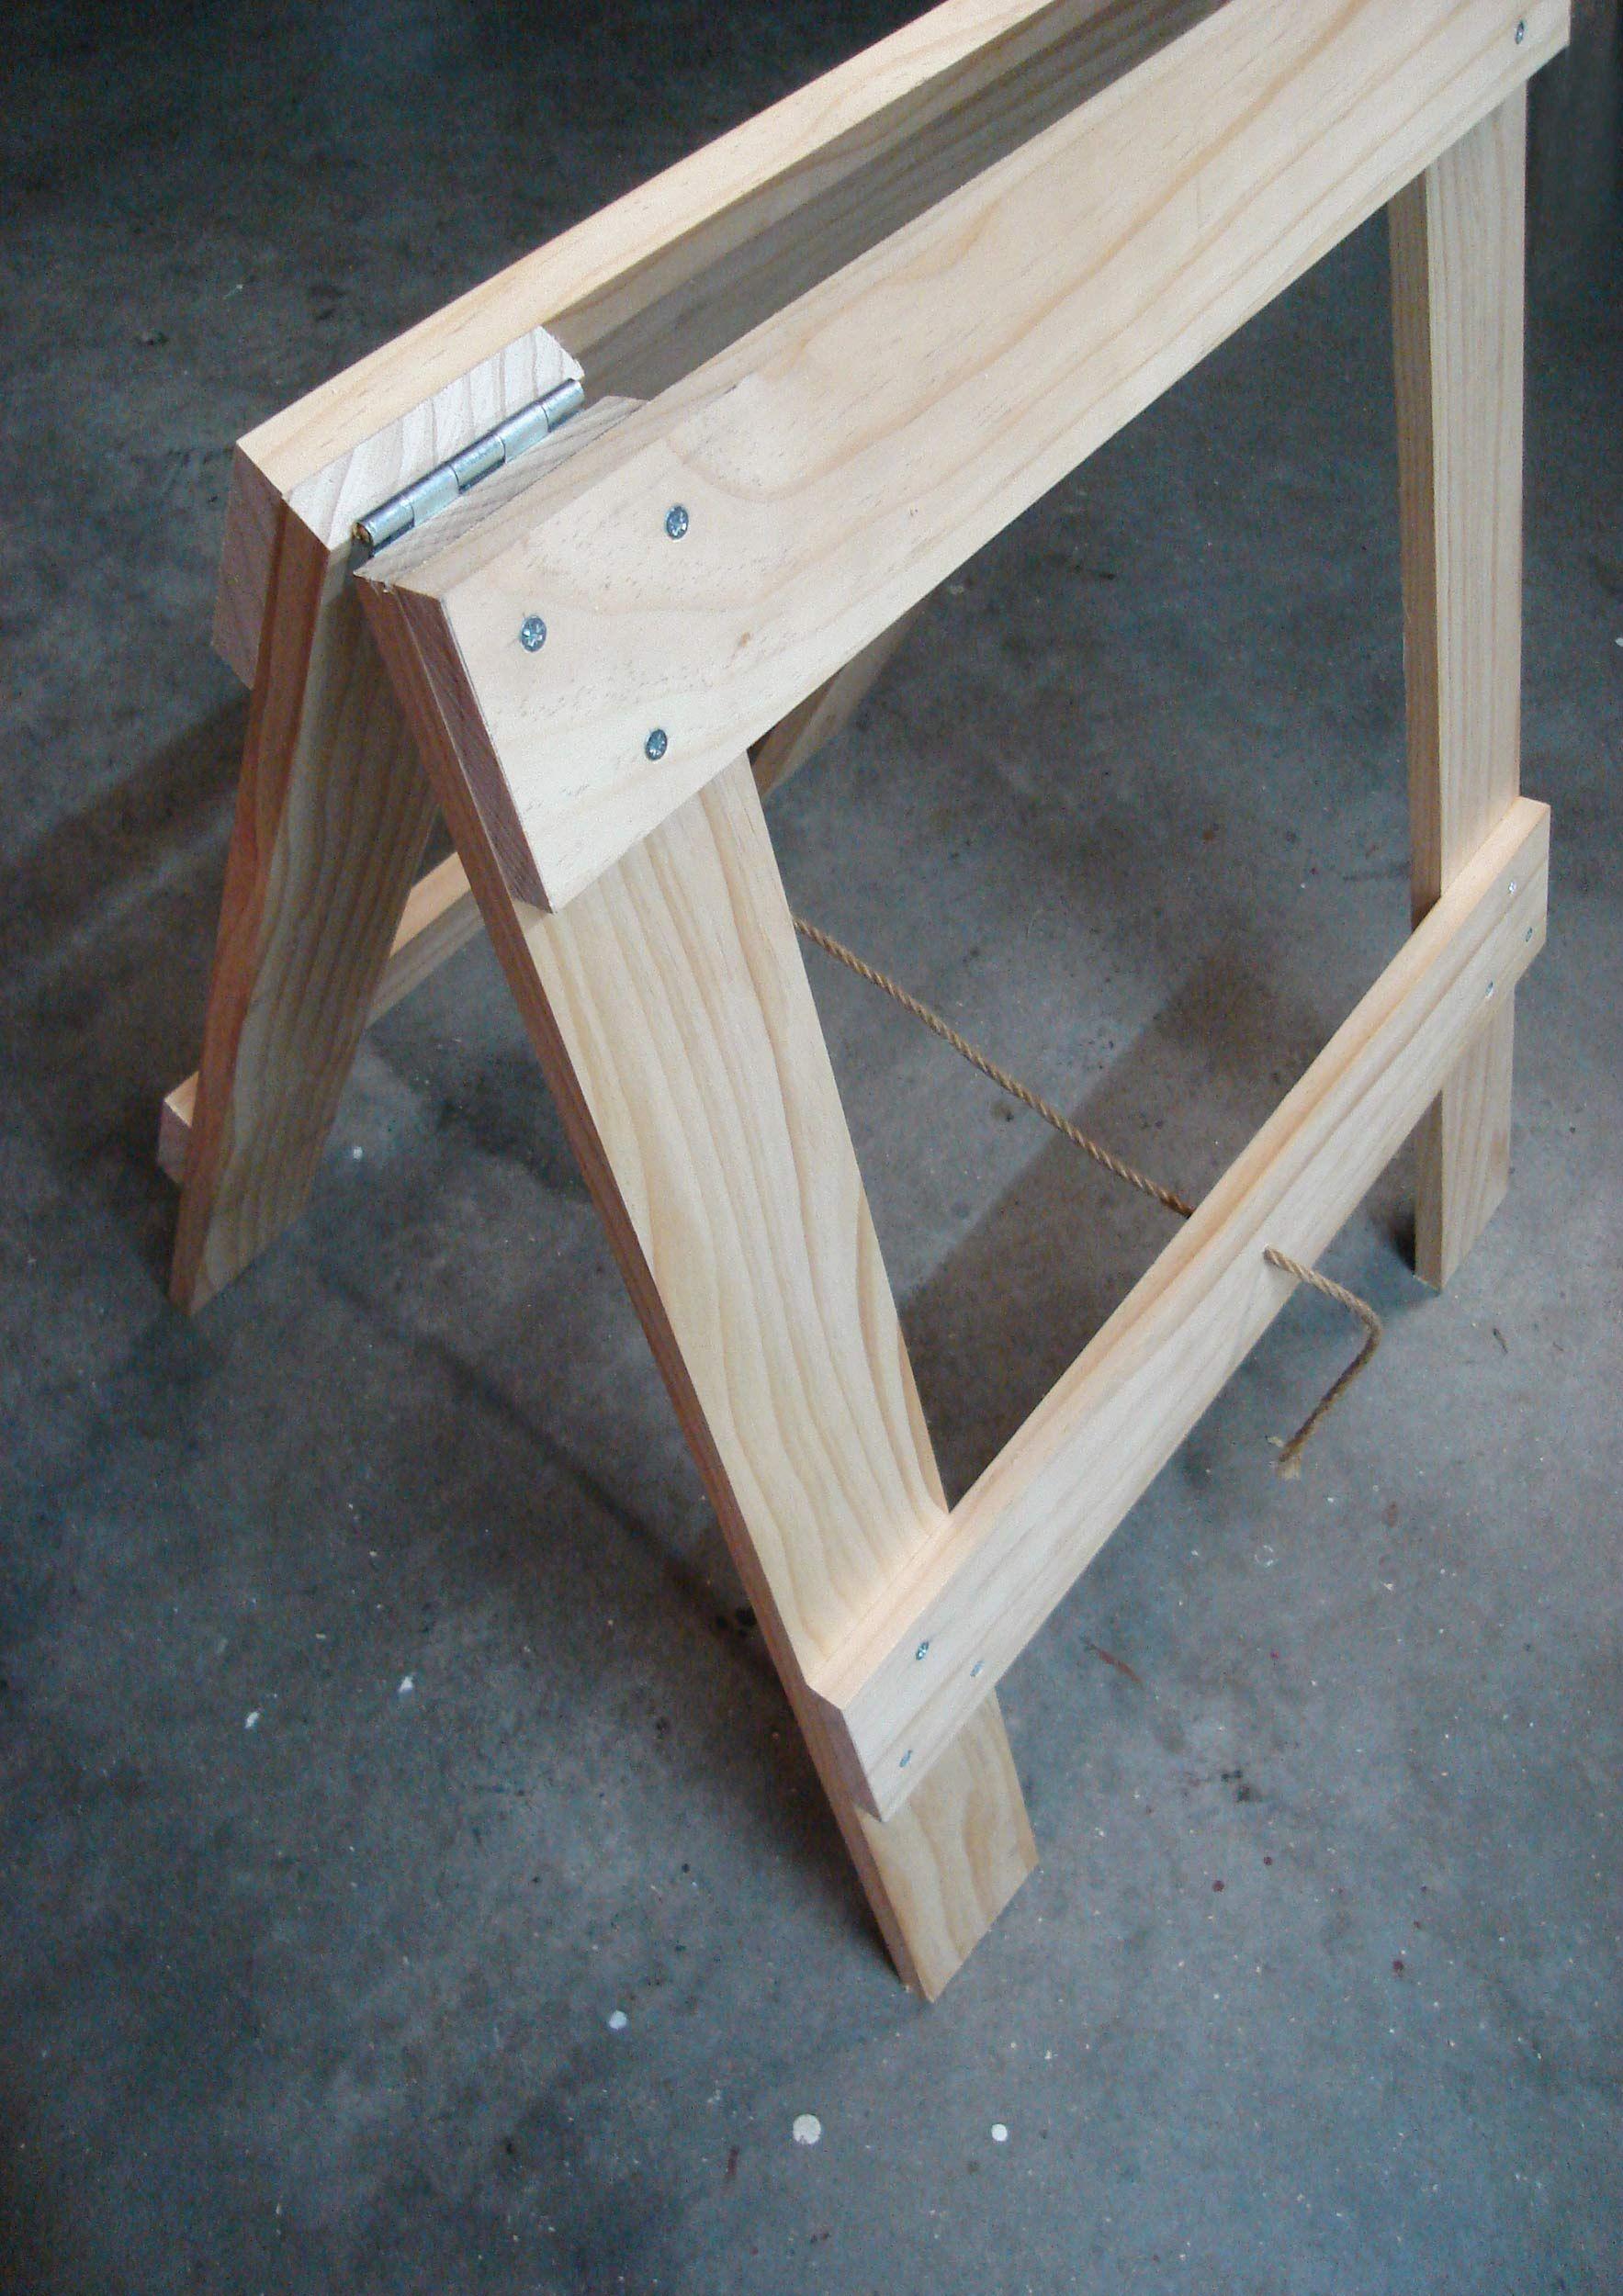 Zelf (eenvoudig) inklapbare pootjes maken tbv tafel, zie